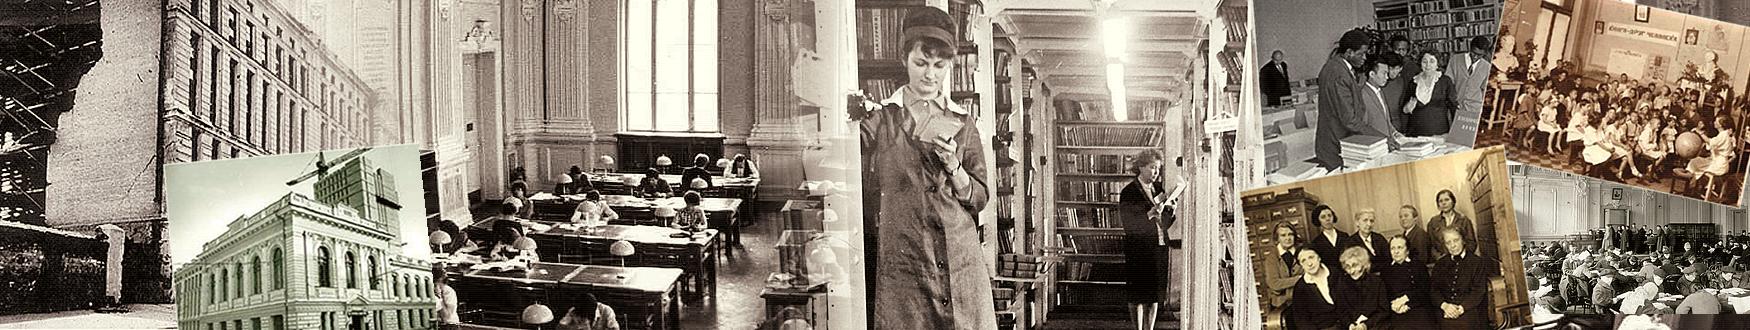 Державний переворот 1917 р., наступні роки радянського режиму відбилися на житті та подальшому розвитку книгозбірні. У 1922 році бібліотека стала державною, їй було присвоєне ім'я відомого письменника В. Г. Короленка. У 1930 році бібліотека отримала статус наукової. Під час Другої світової війни та окупації Харкова зазнали значних збитків фонди та будівля книгозбірні. Протягом наступних 40 років відкрито багато нових структурних підрозділів, побудоване нове 24-х поверхове книгосховище, фонд зріс до 6,3 млн примірників.